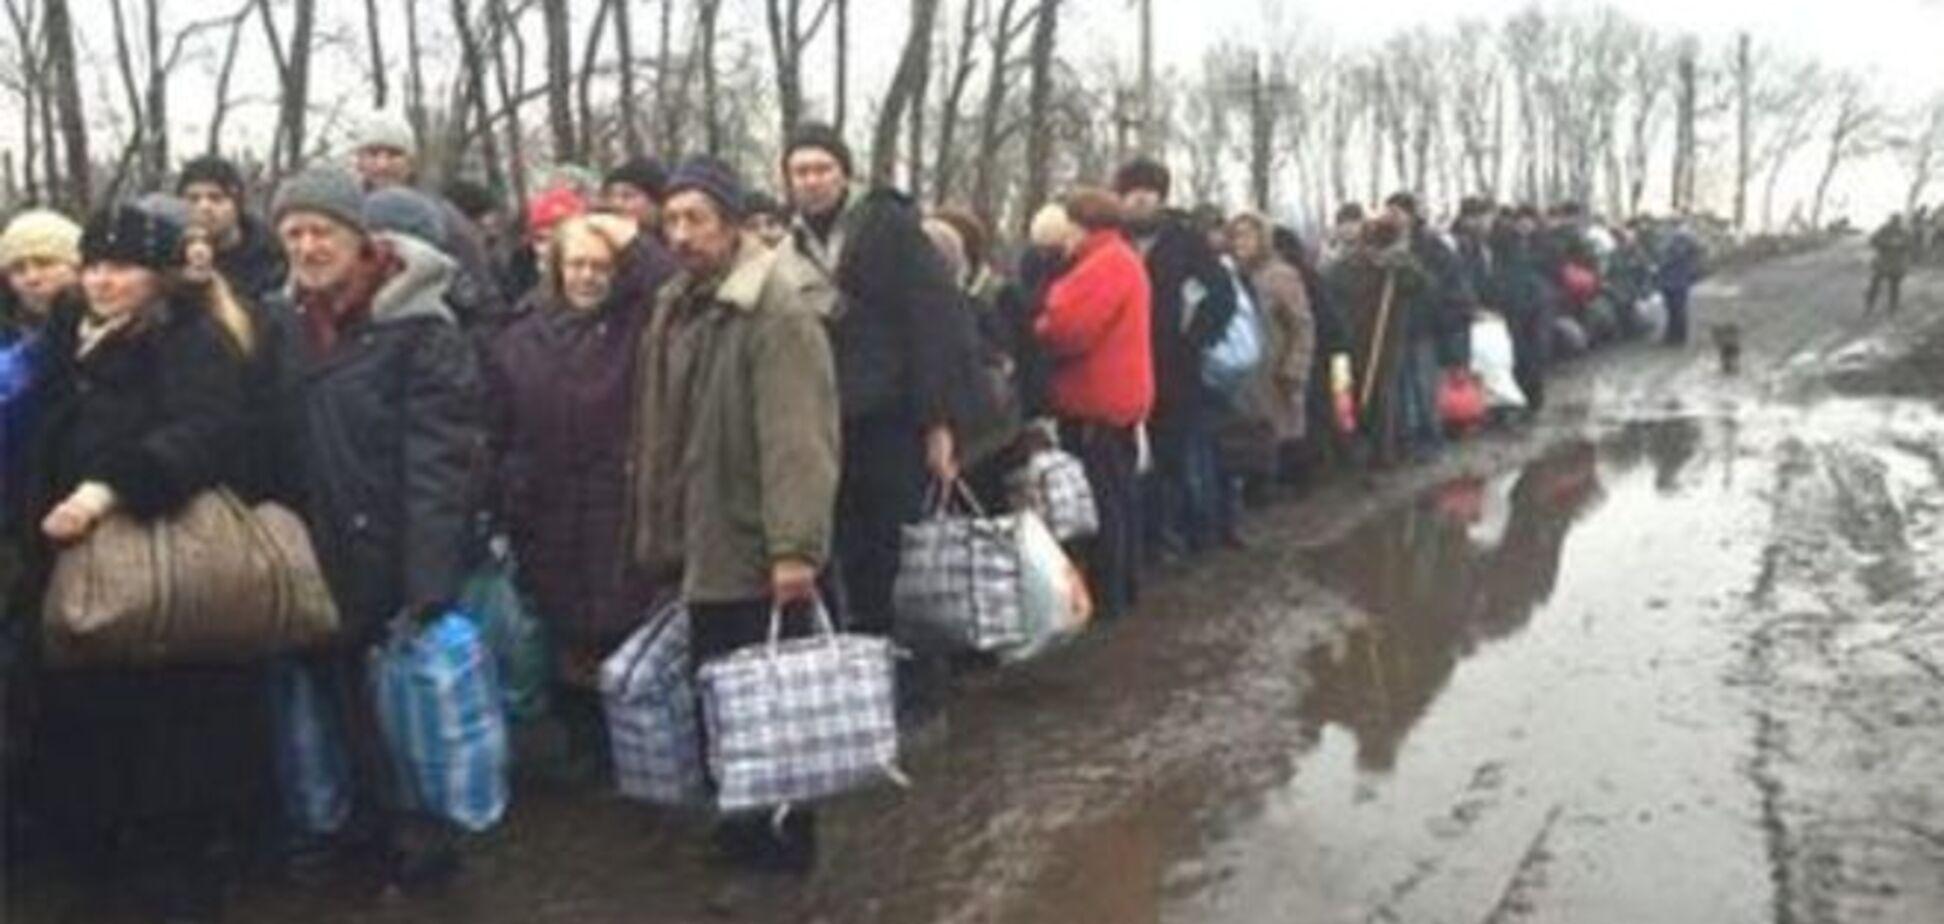 Русский мир уже не манит: в Ростове закрывают ненужные пункты для беженцев с Донбасса